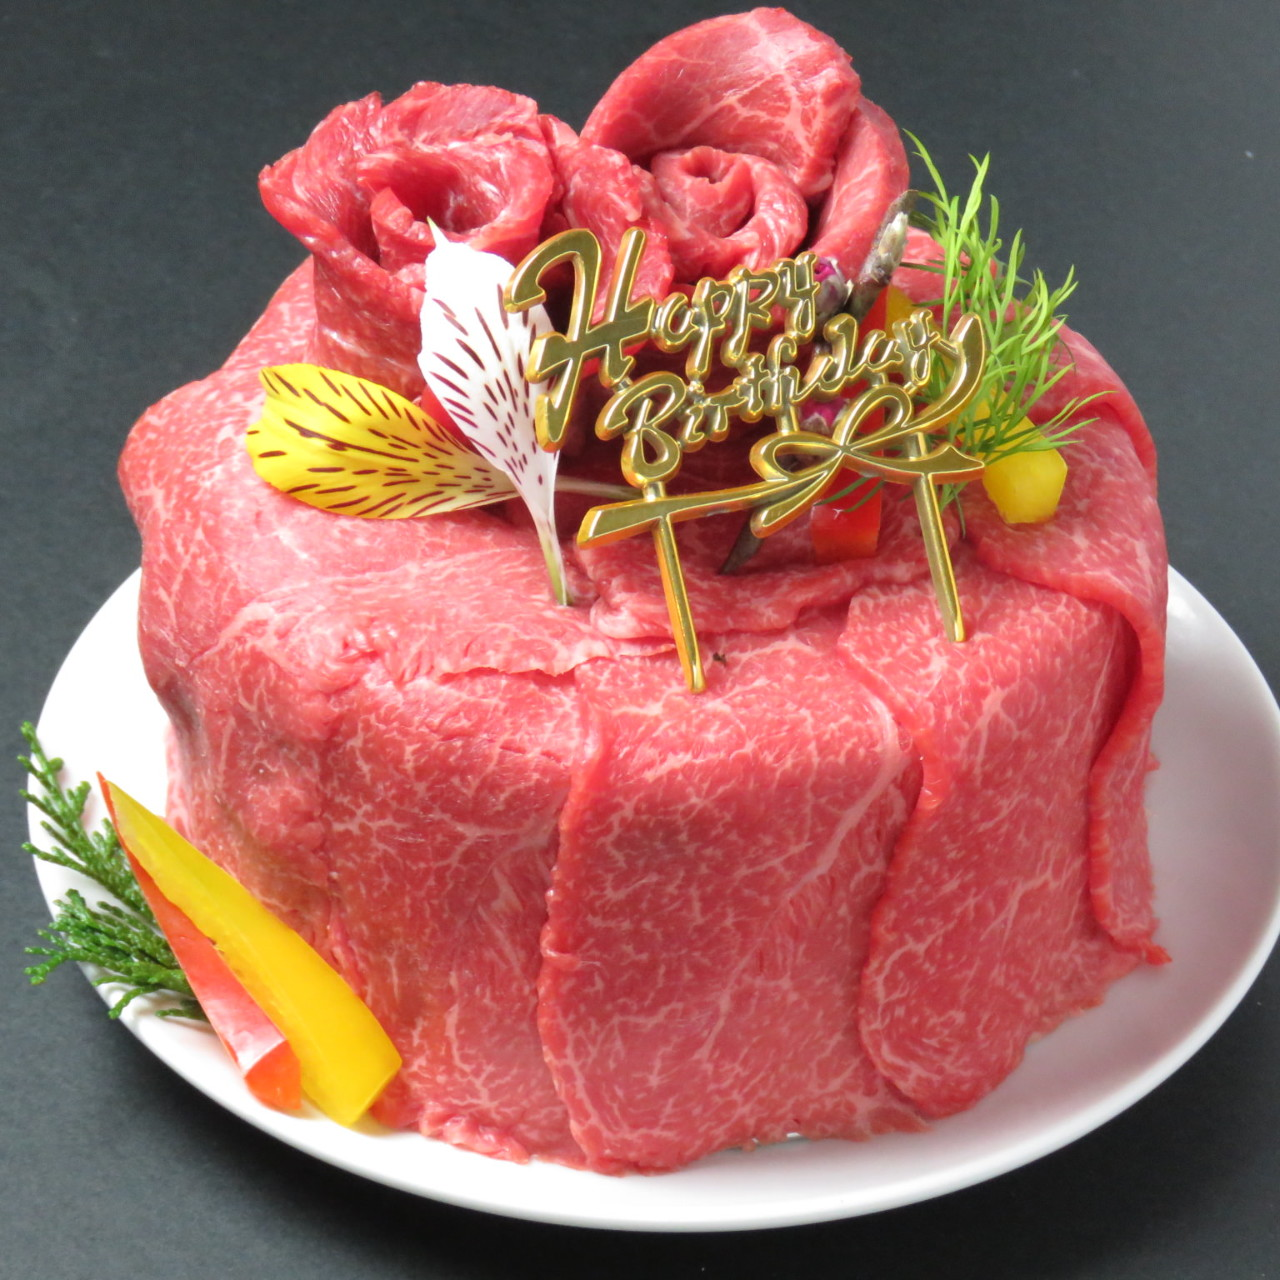 誕生日や記念日のサプライズ演出にもってこい!肉ケーキコース。